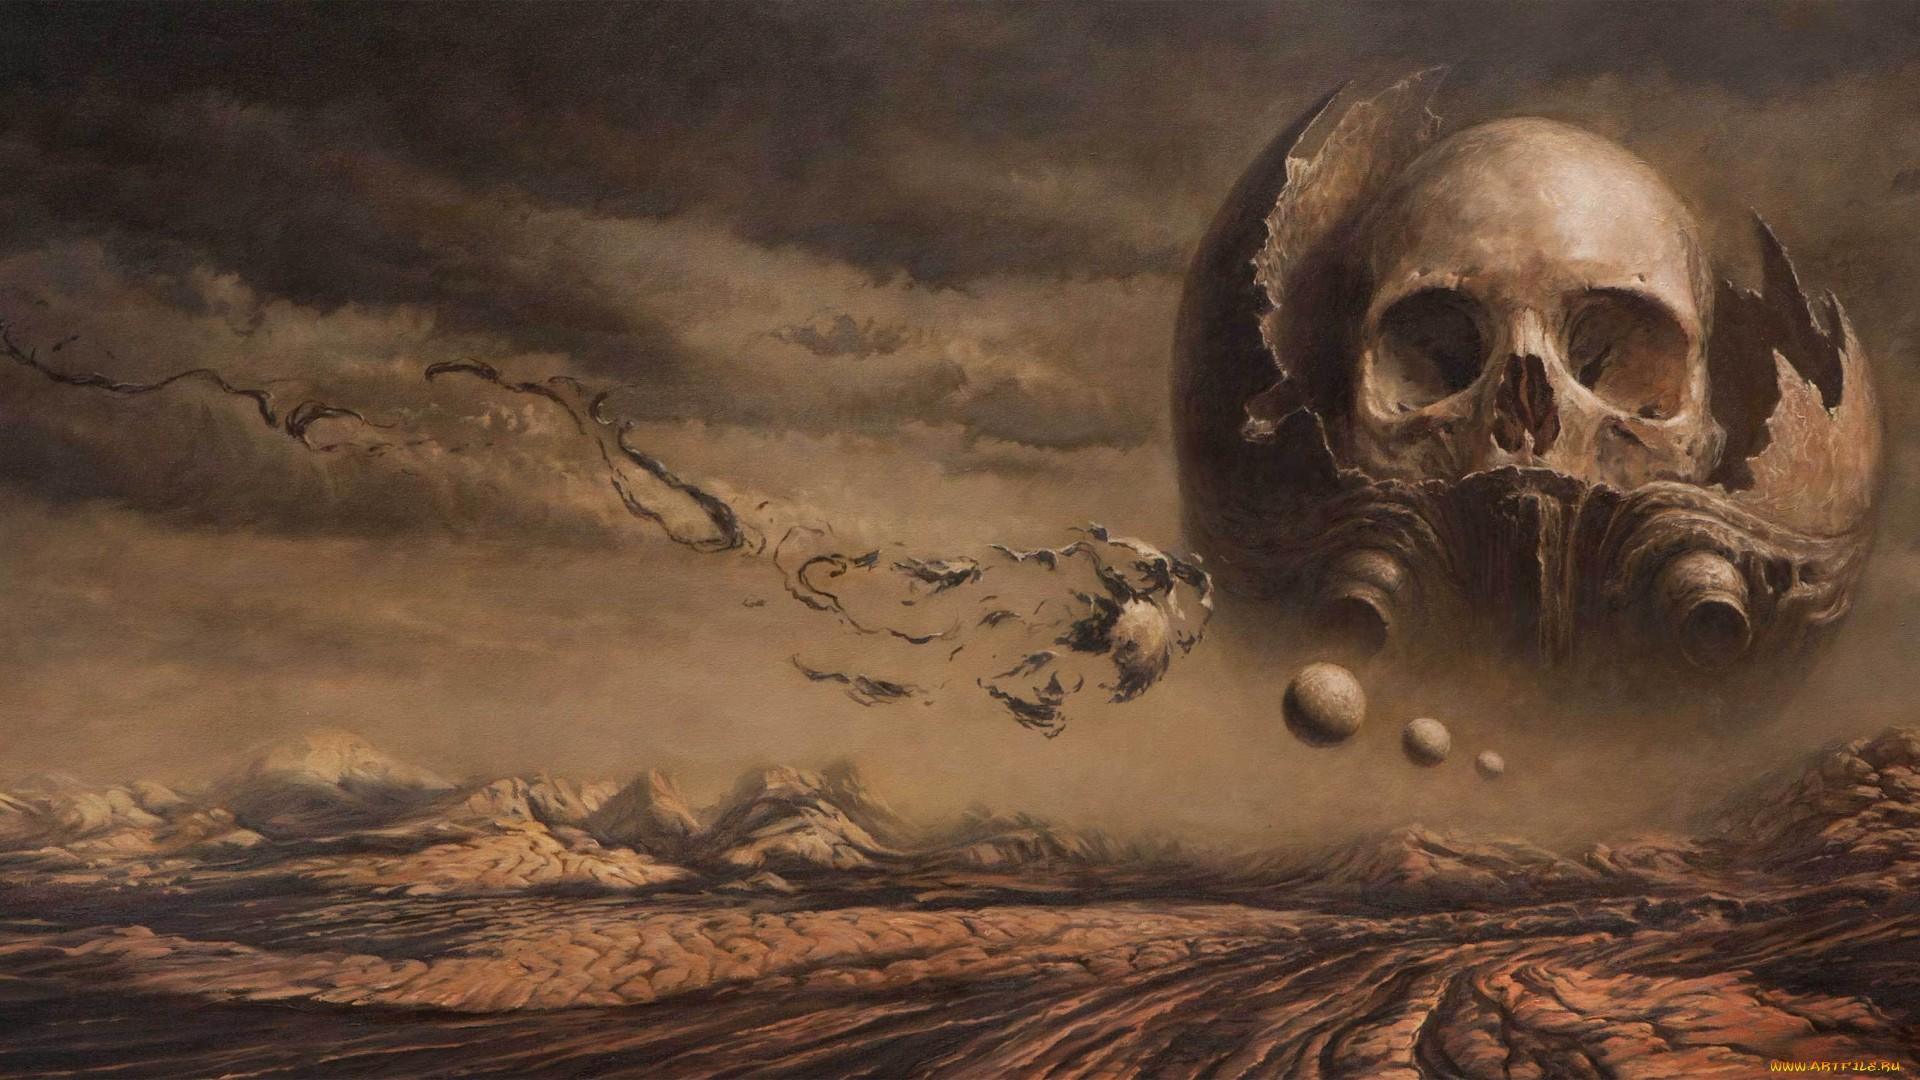 Skull HD Wallpaper Background Image 1920x1080 ID396923 1920x1080